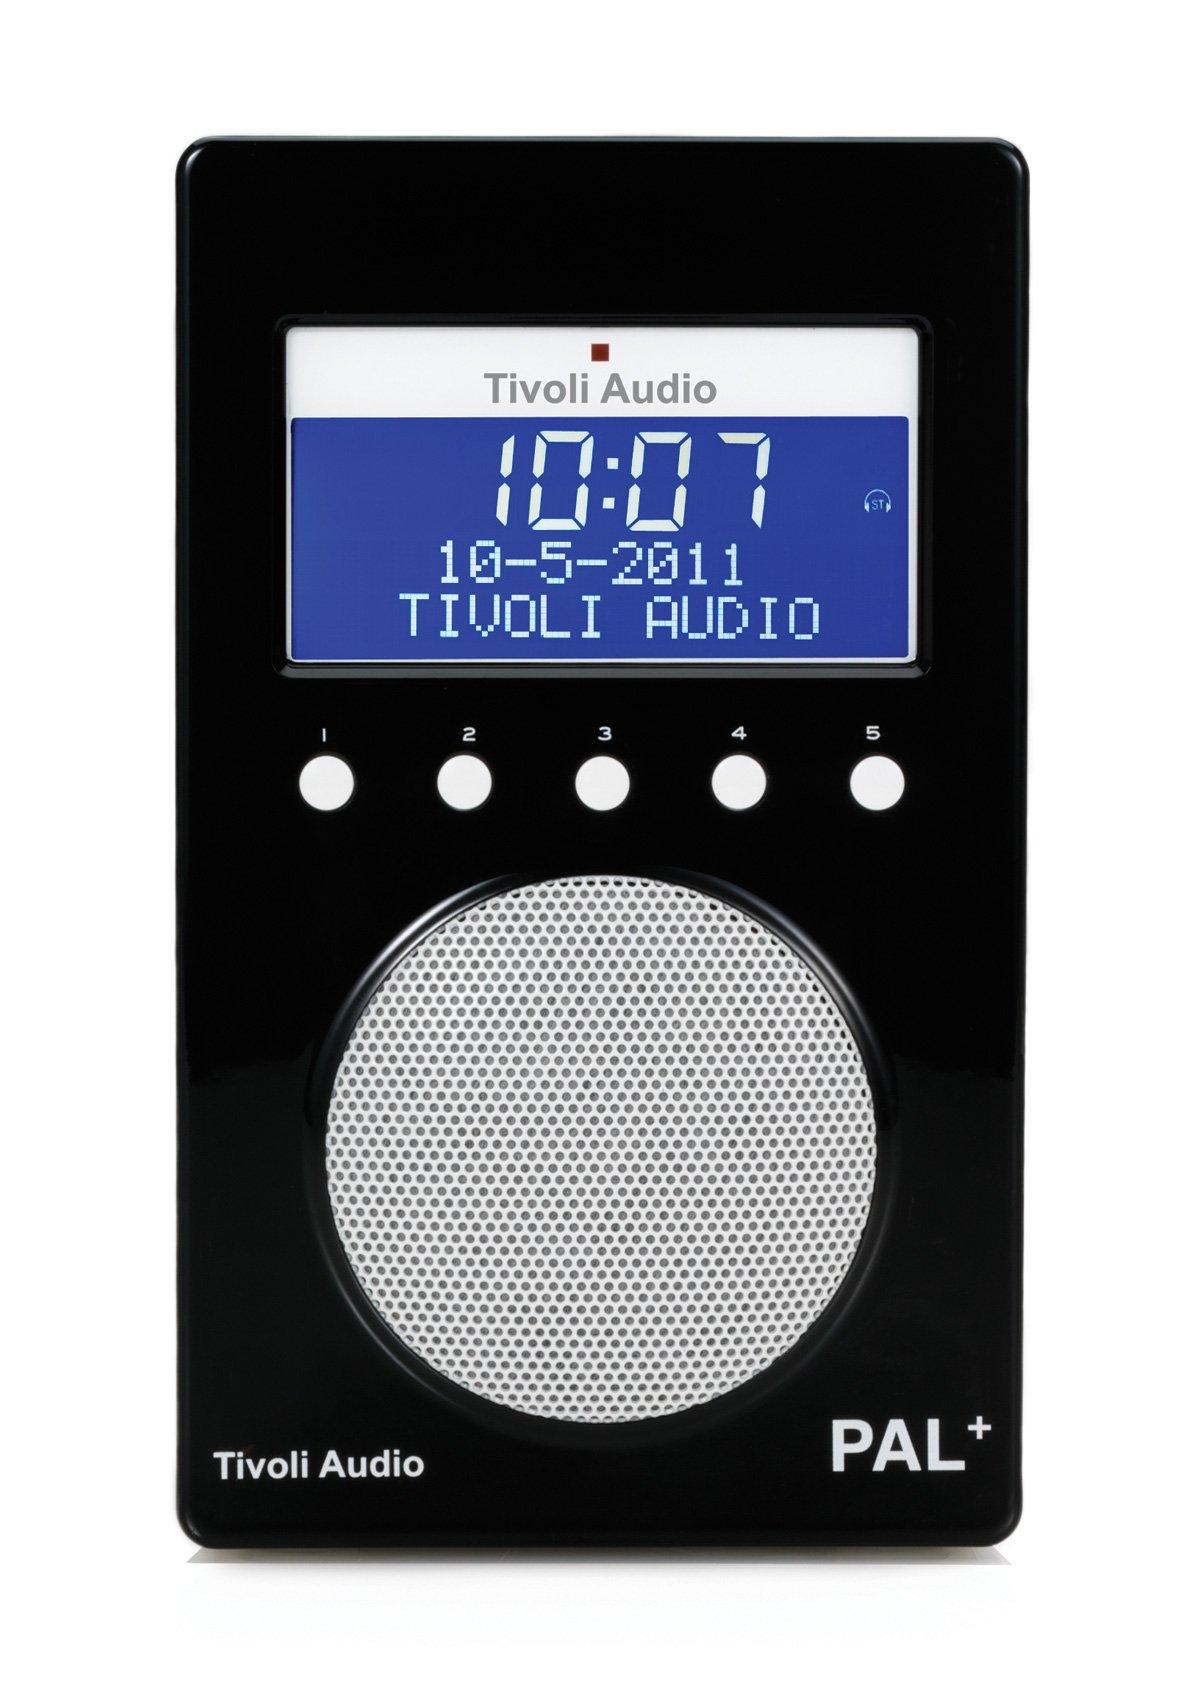 Tivoli - Radio portátil (PAL, DAB), color negro (importado)